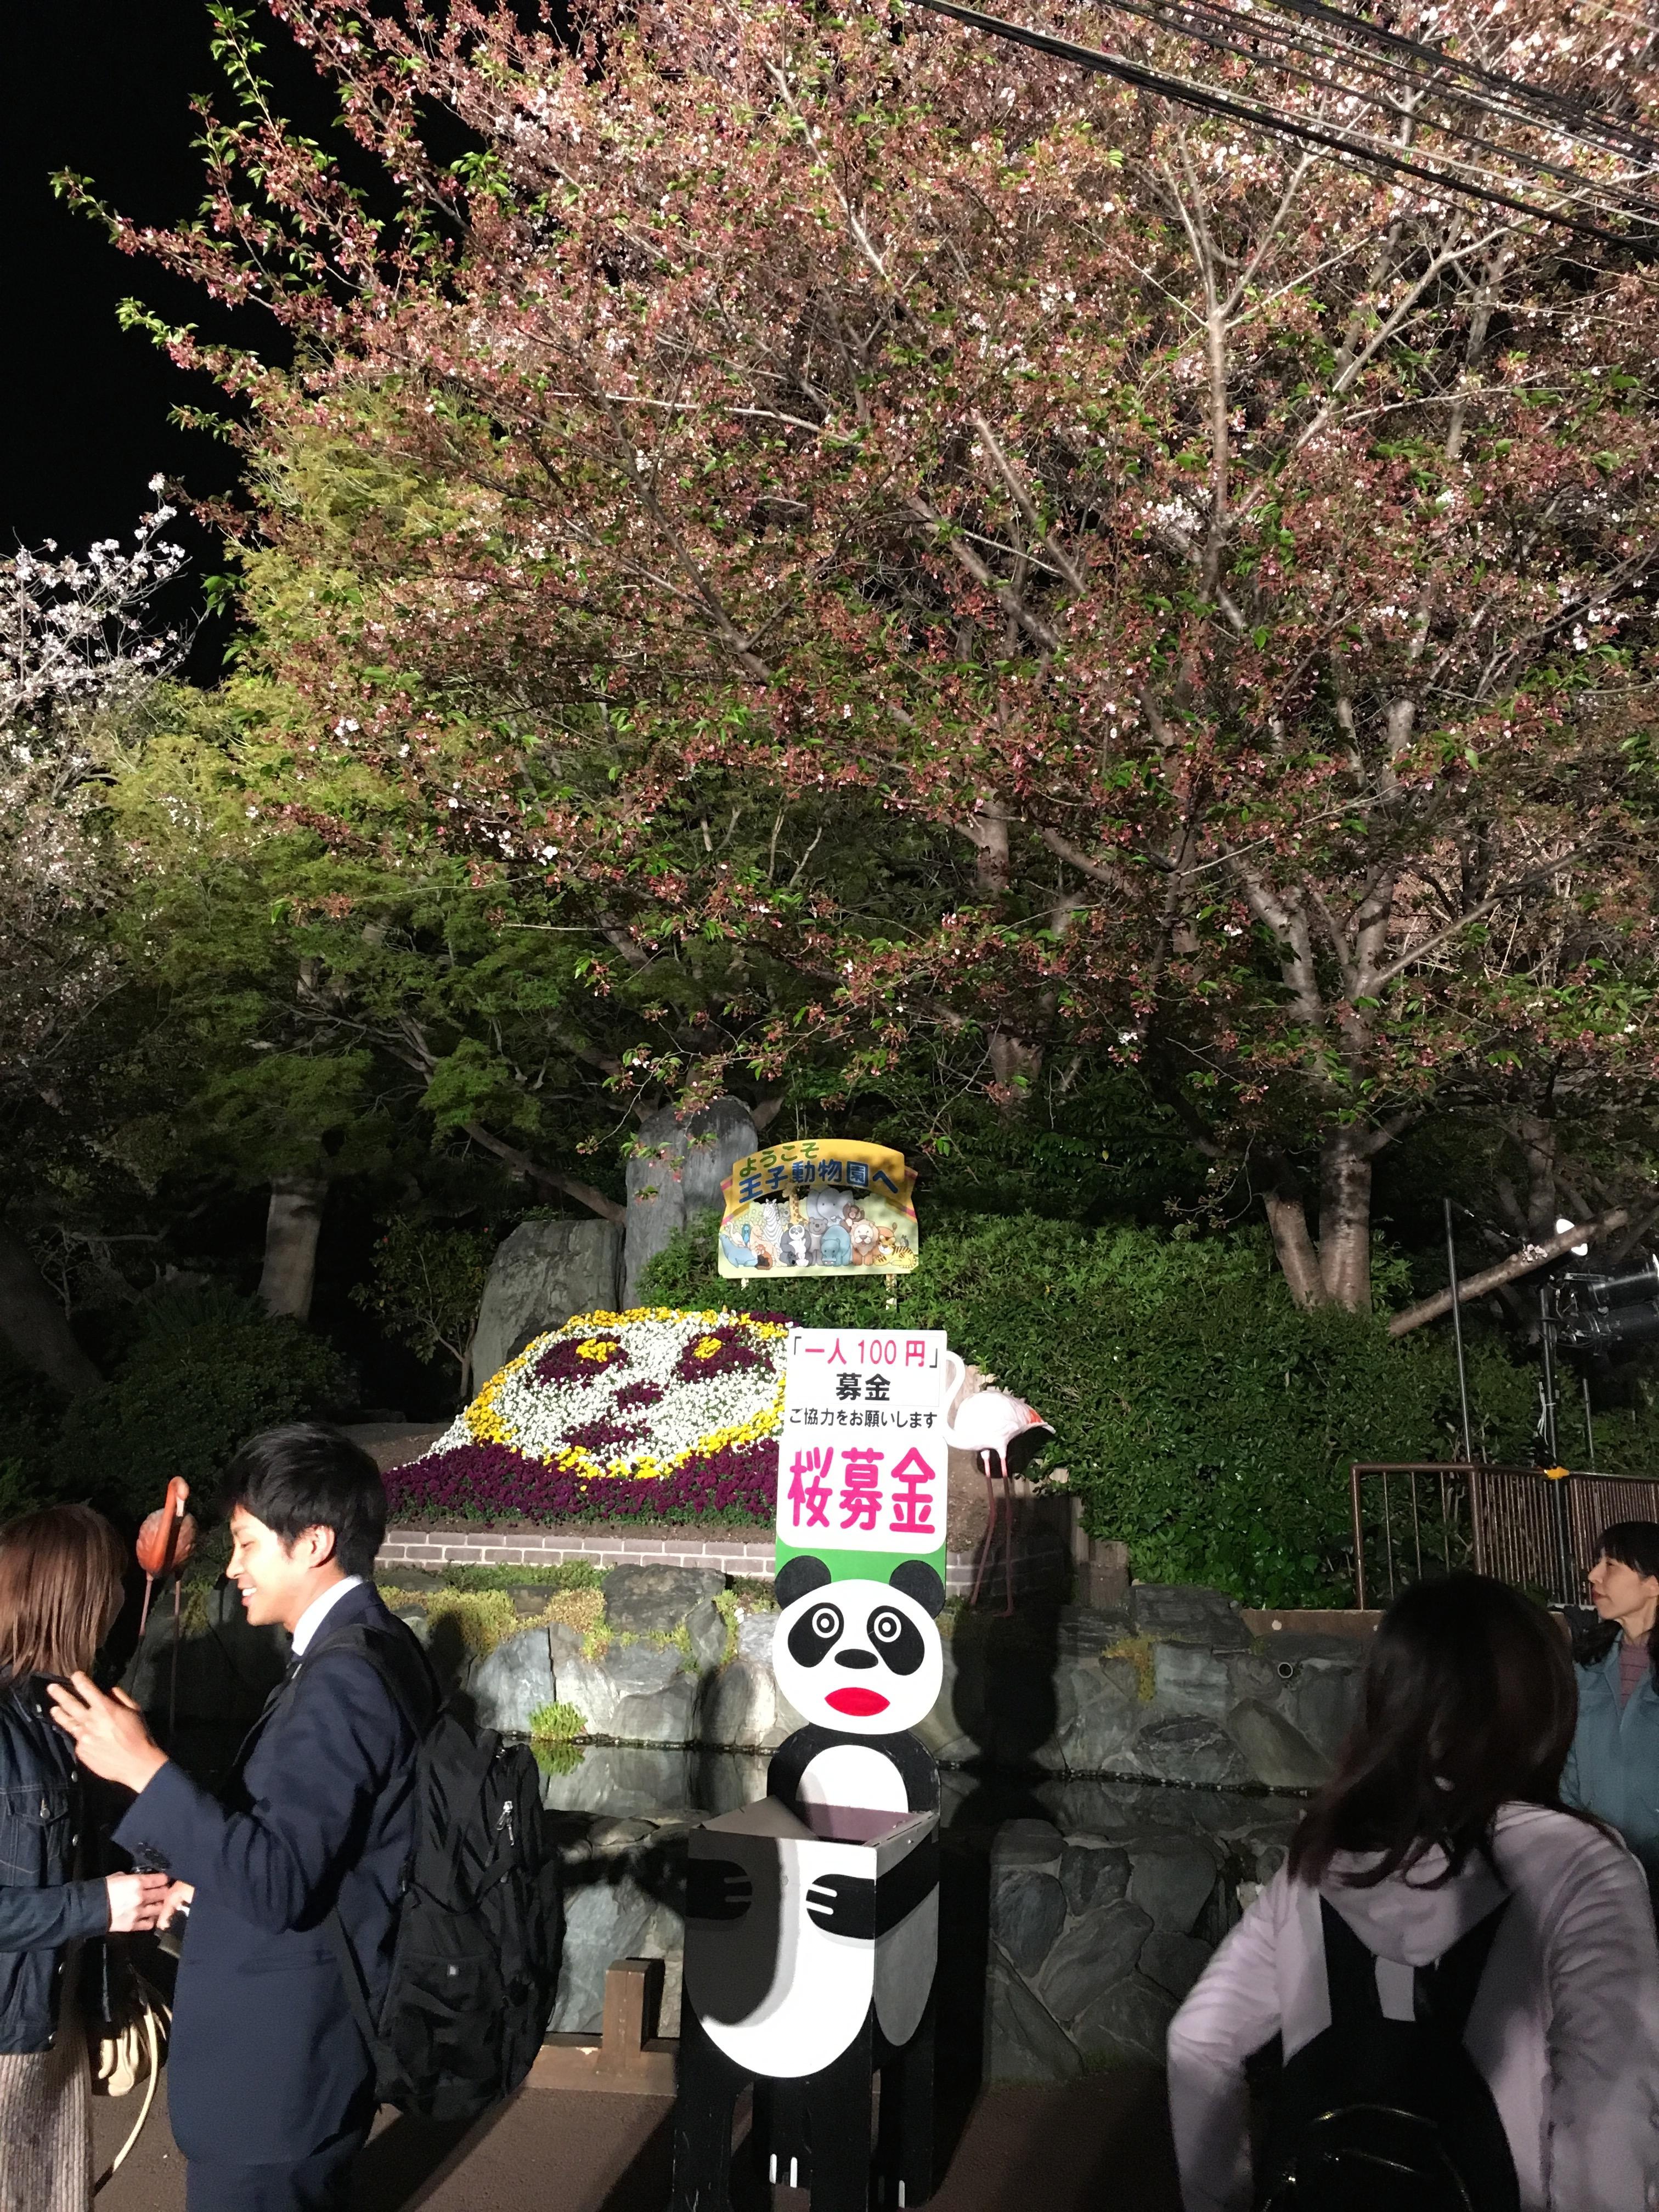 王子動物園 夜桜通り抜け